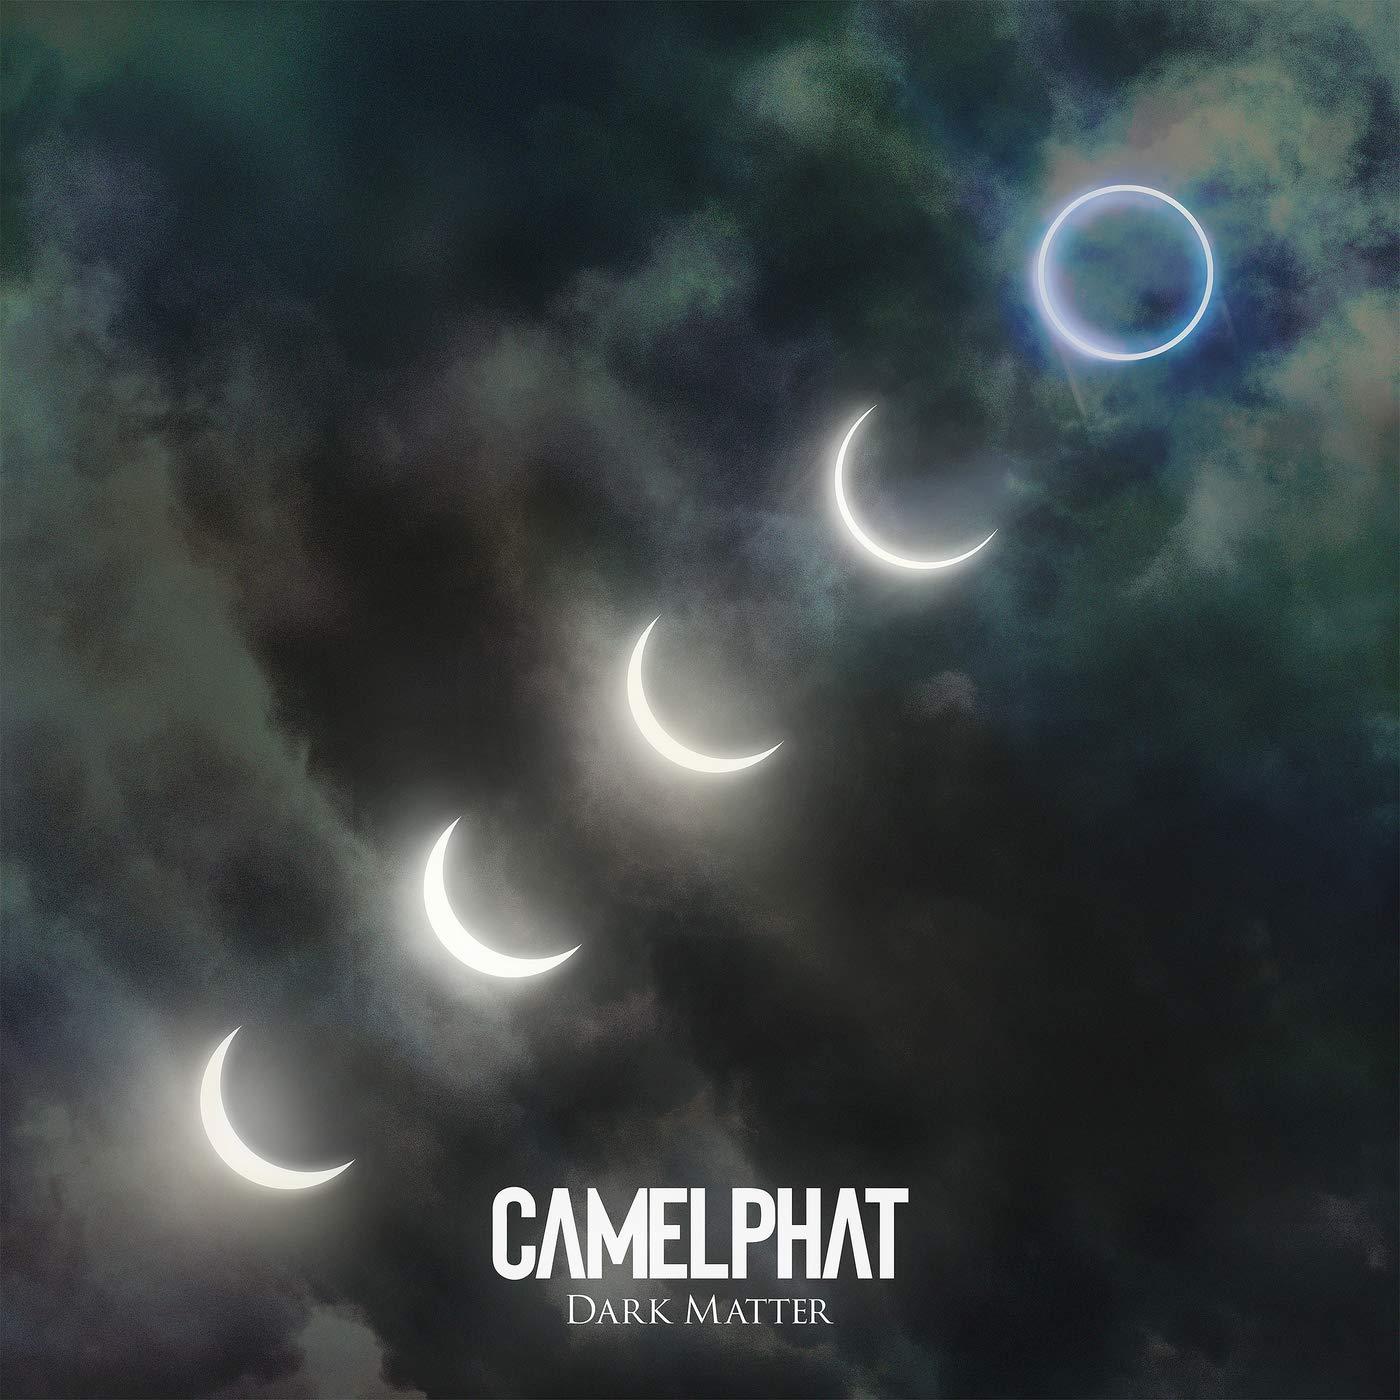 CamelPhat X Cristoph Ft. Jem Cooke – Dark Matter (2020) [FLAC]